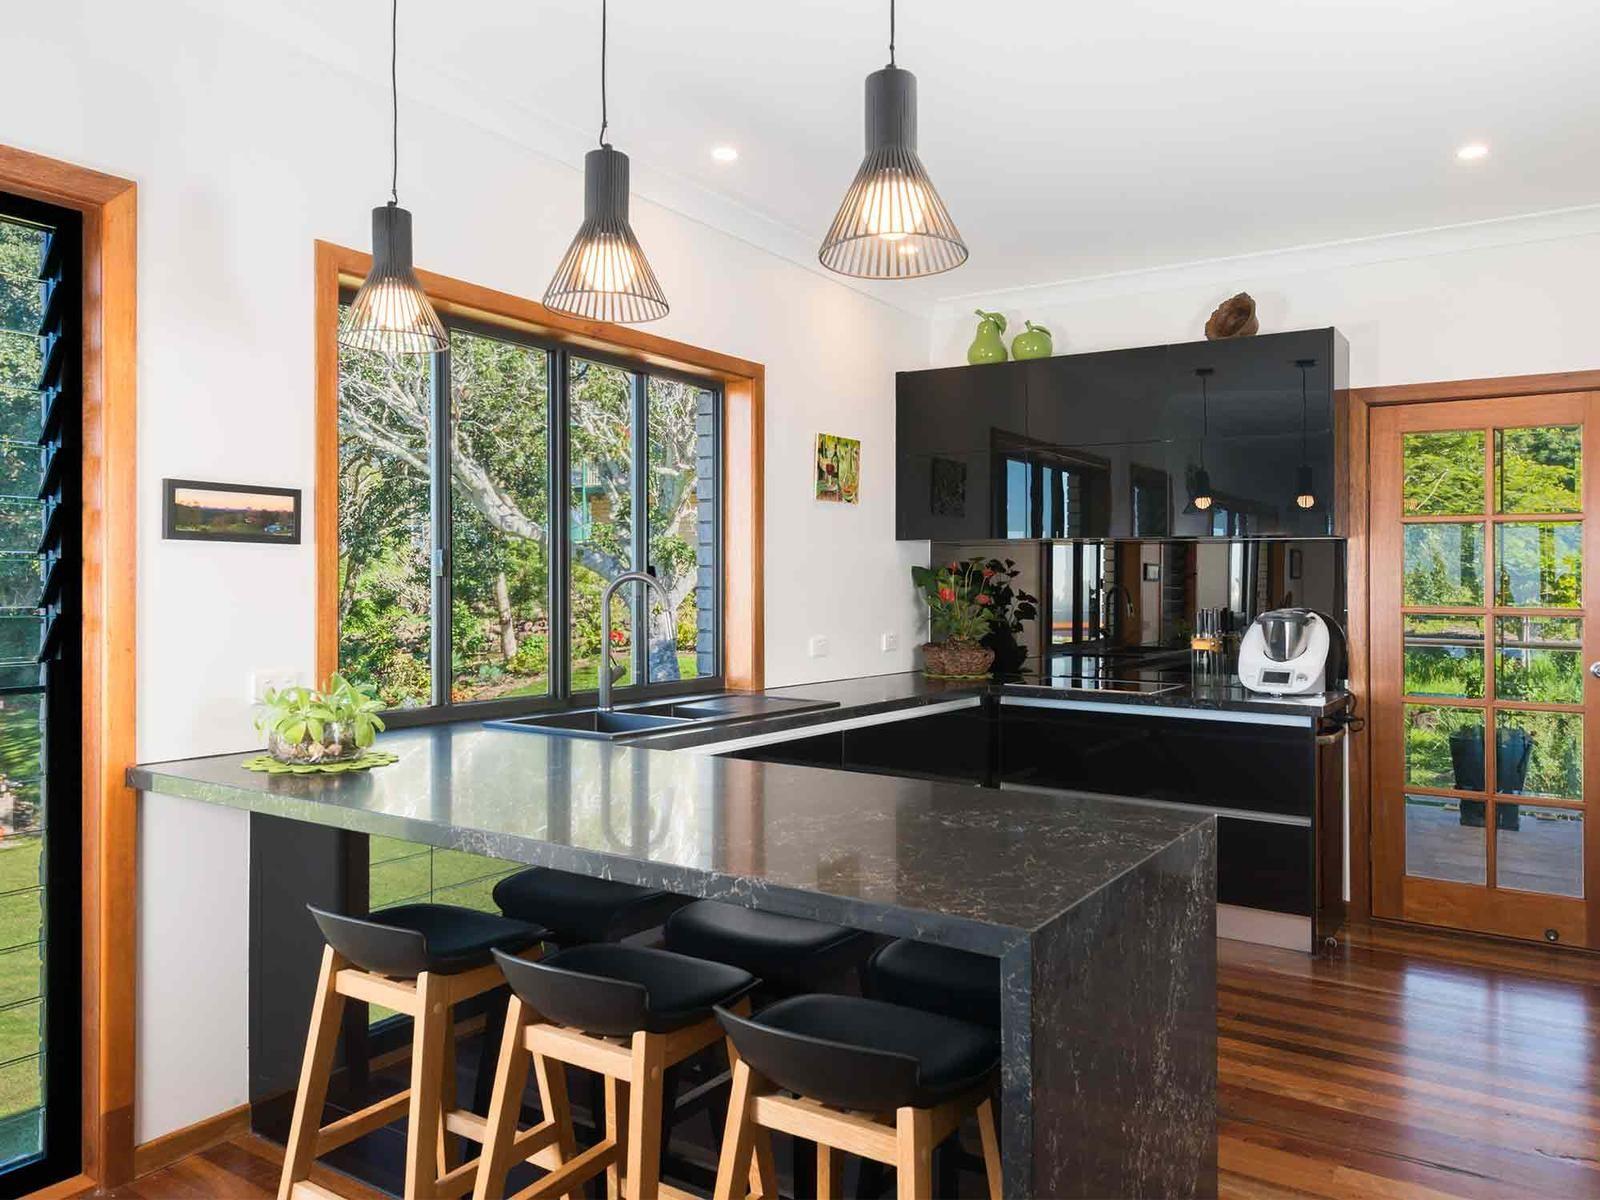 Best U Shaped Kitchen Designs Kitchen Ideas 2018 Luxury 640 x 480